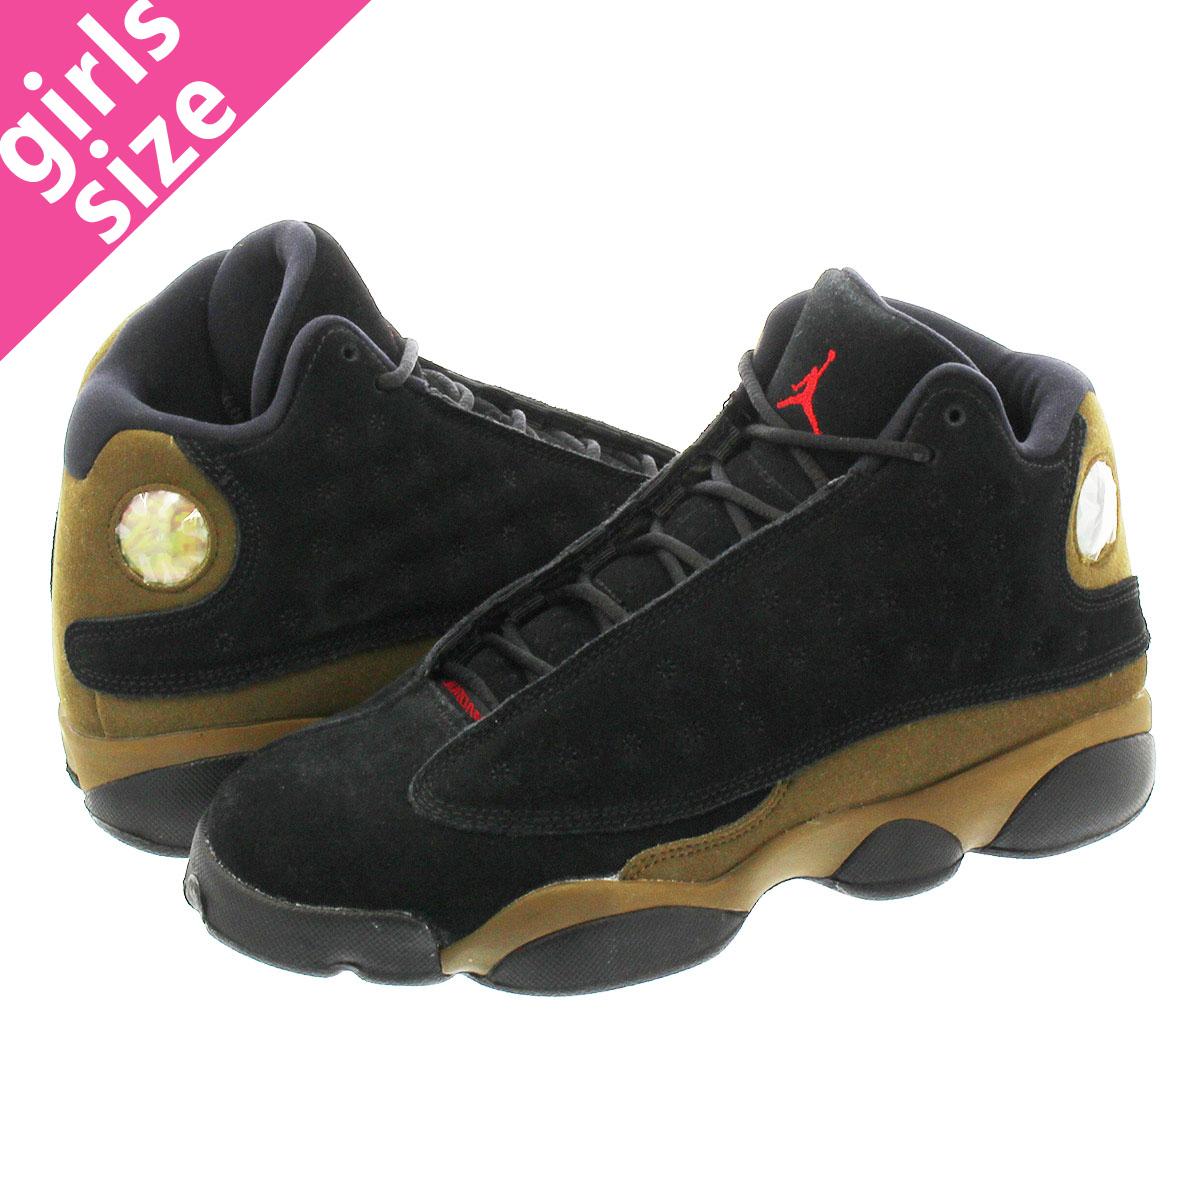 pretty nice 6bc82 33043 NIKE AIR JORDAN 13 RETRO BG Nike Air Jordan 13 nostalgic BLACK/TEAM  RED/OLIVE 884,129-006